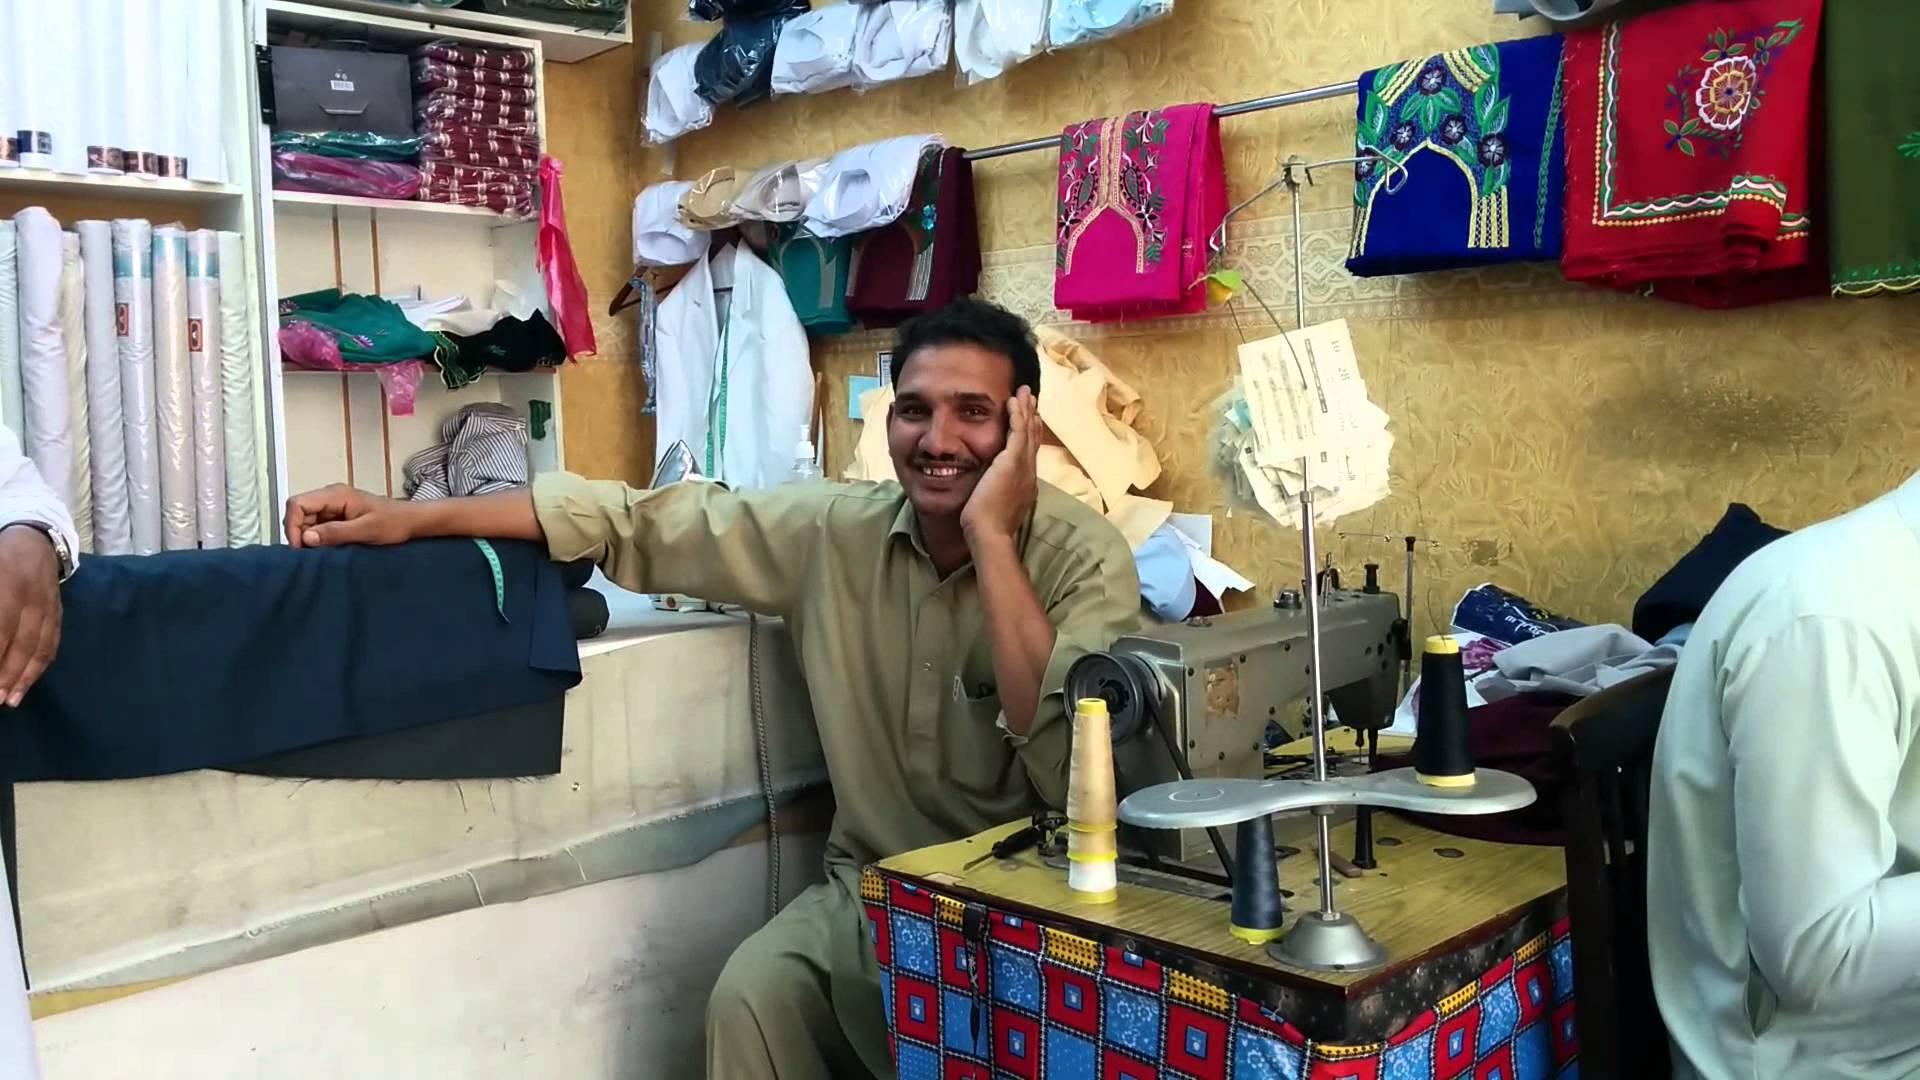 عید کے دن قریب ہوتے ہی گلگت شہر میں درزیوں کے نخرے بڑھ گئے، من مانی قیمتیں وصول ہونے لگیں